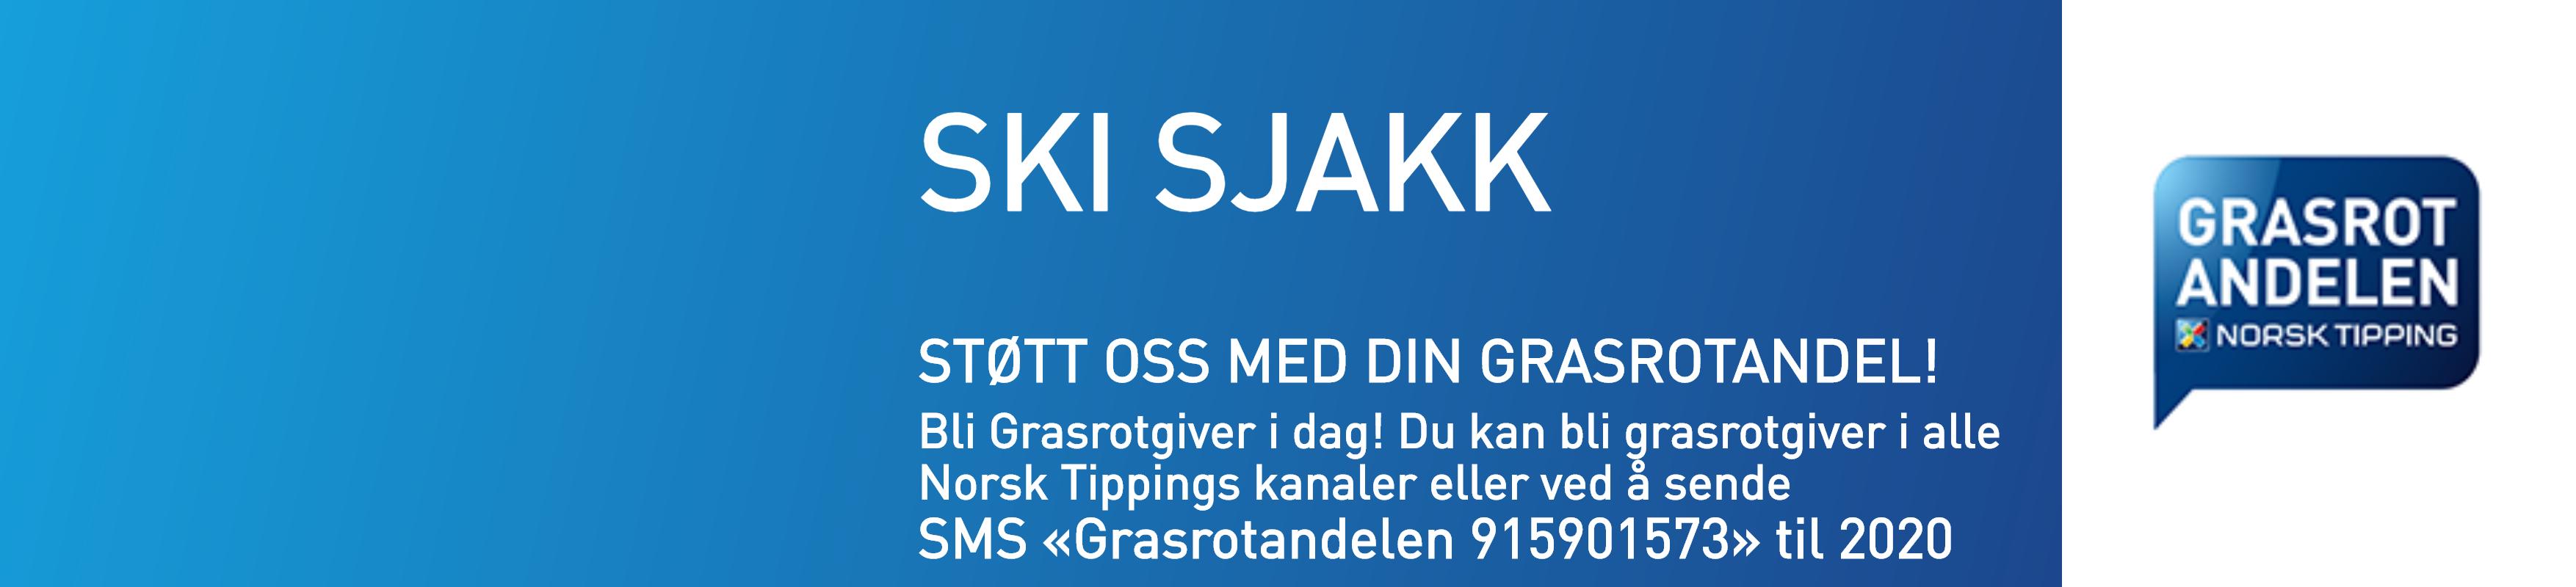 Grasrot